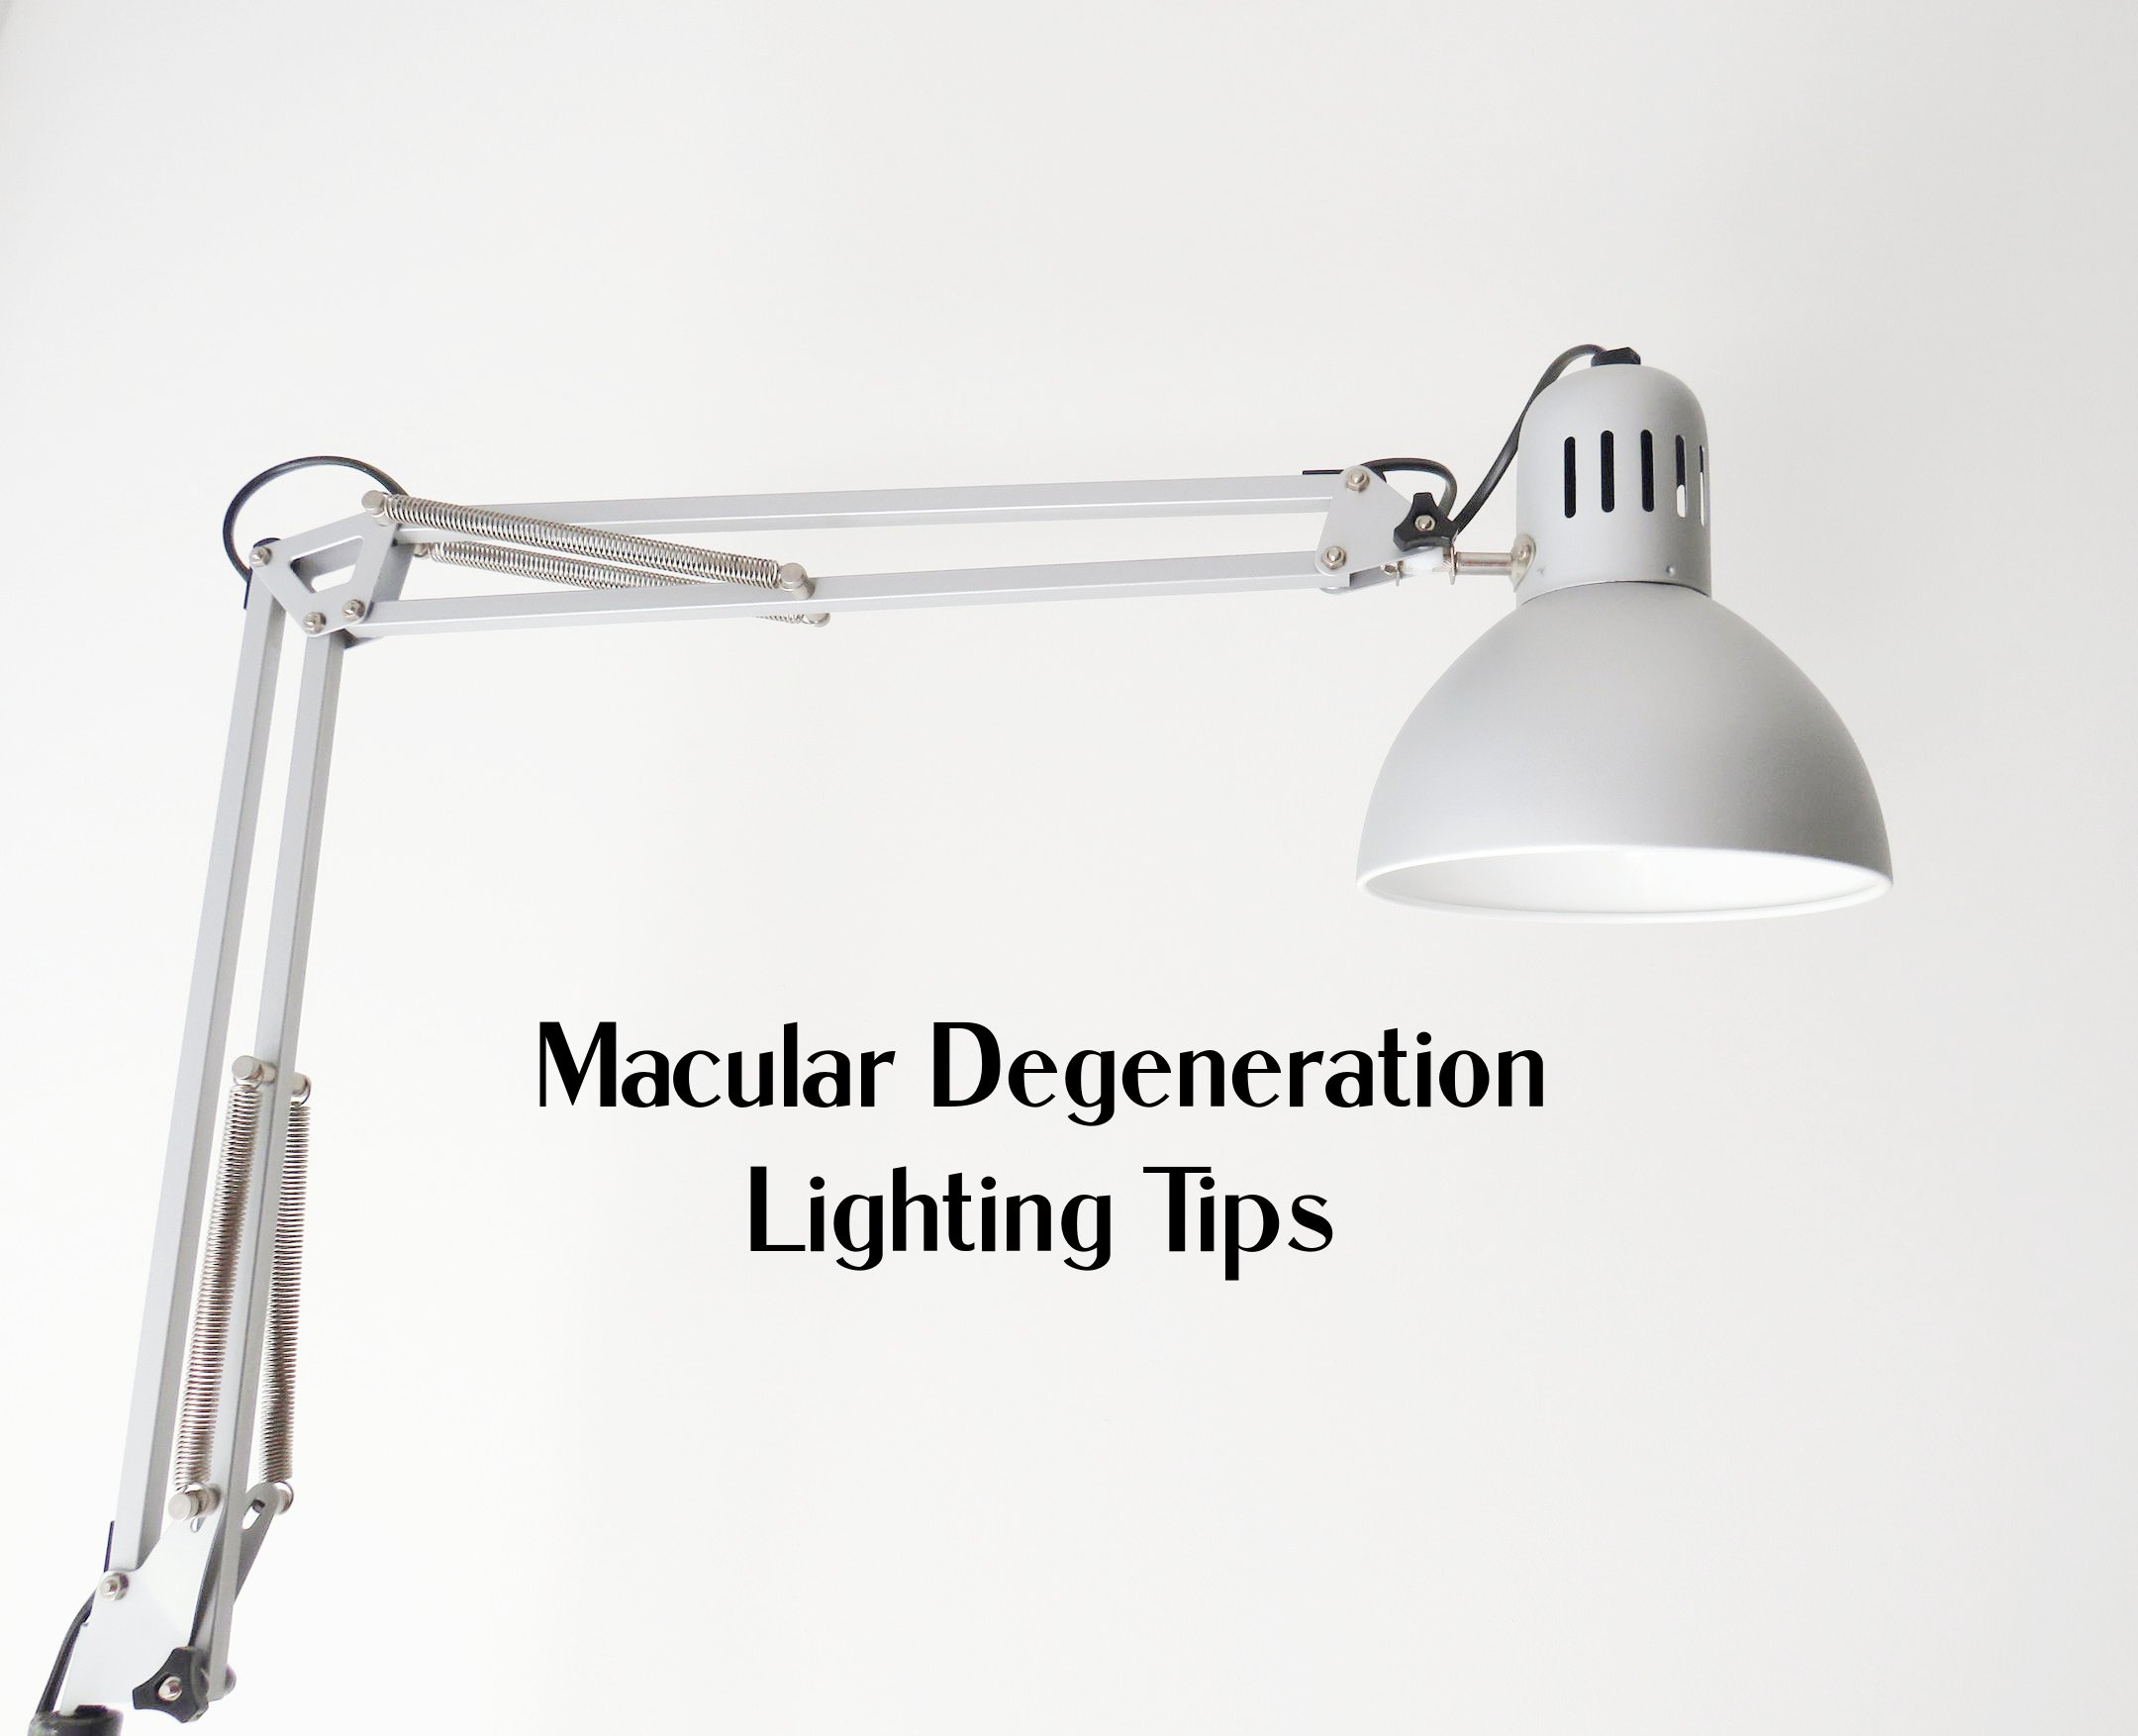 macular degeneration lighting tips